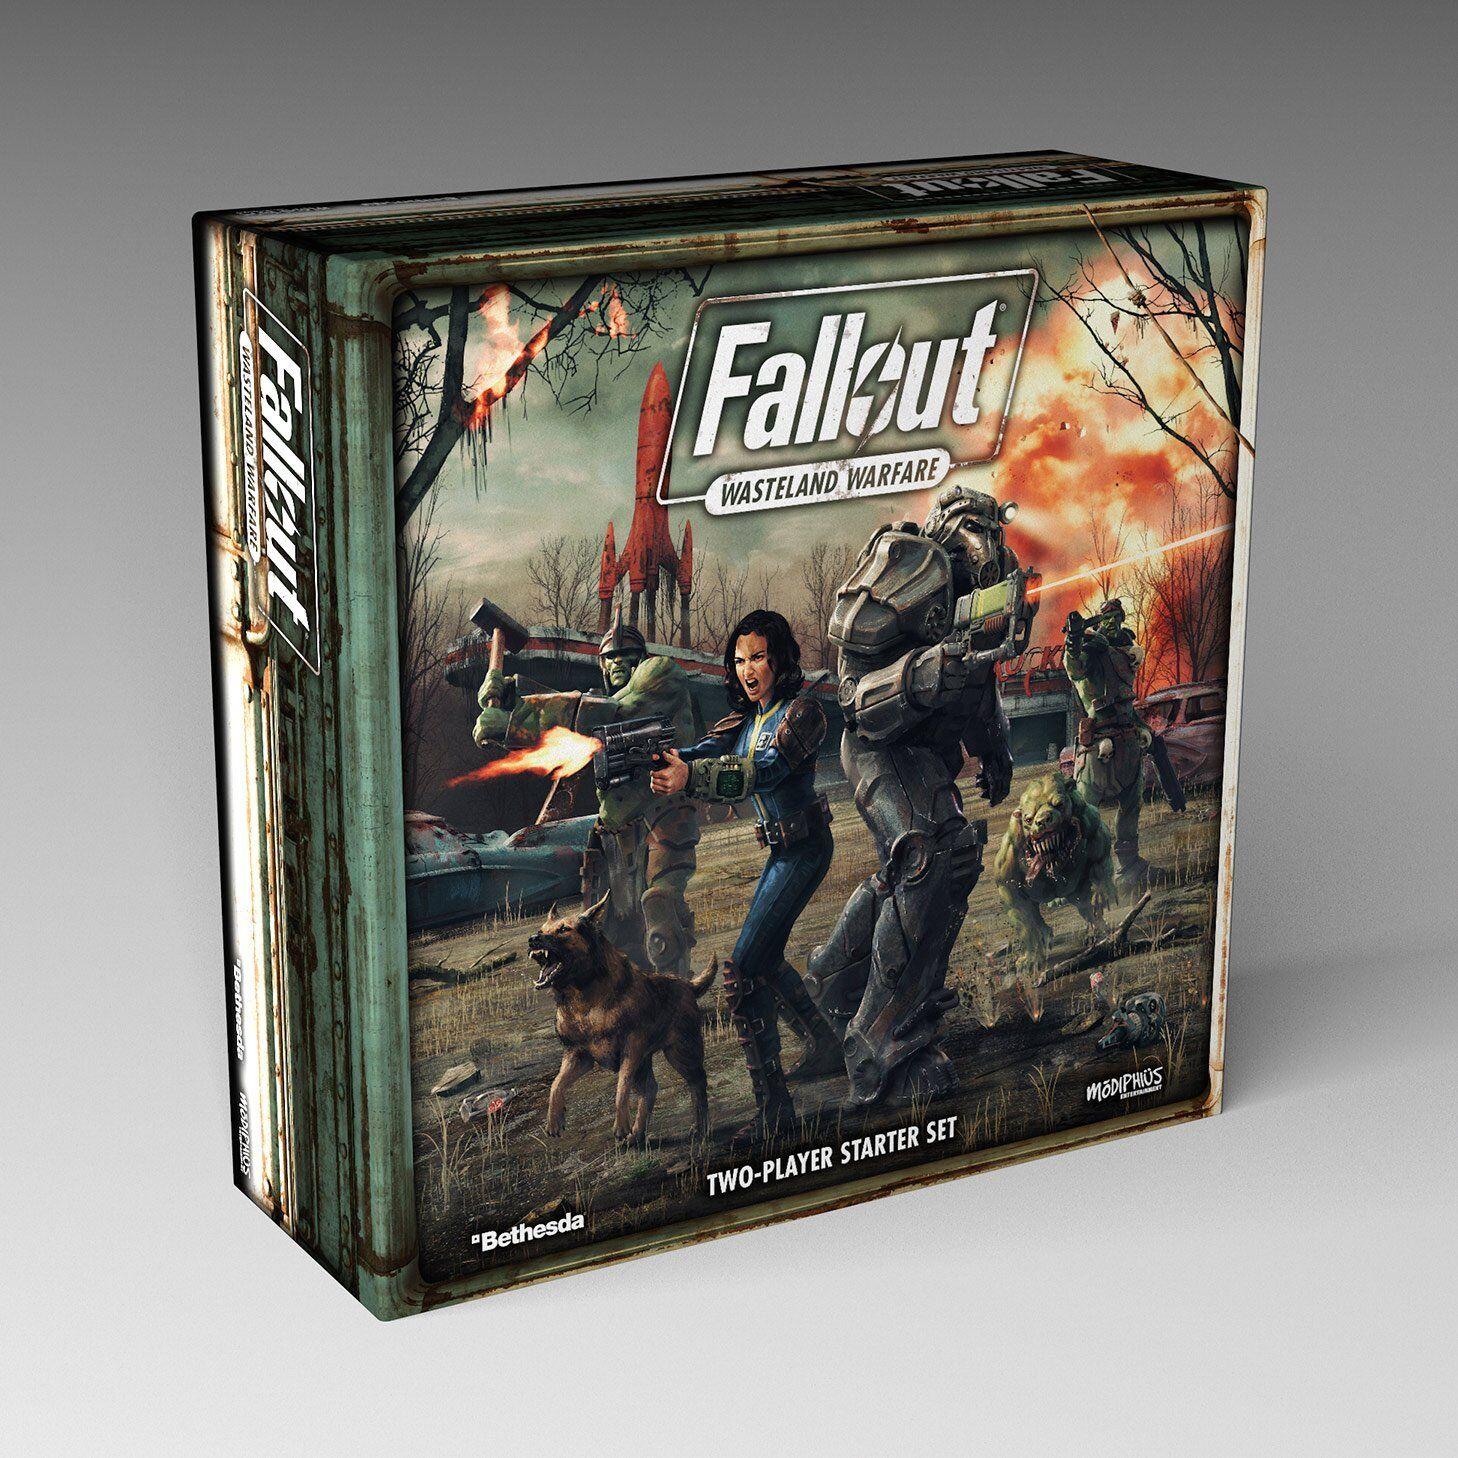 Fallout  désert guerre Entièrement neuf dans sa boîte deux Player Starter Set MUH051235